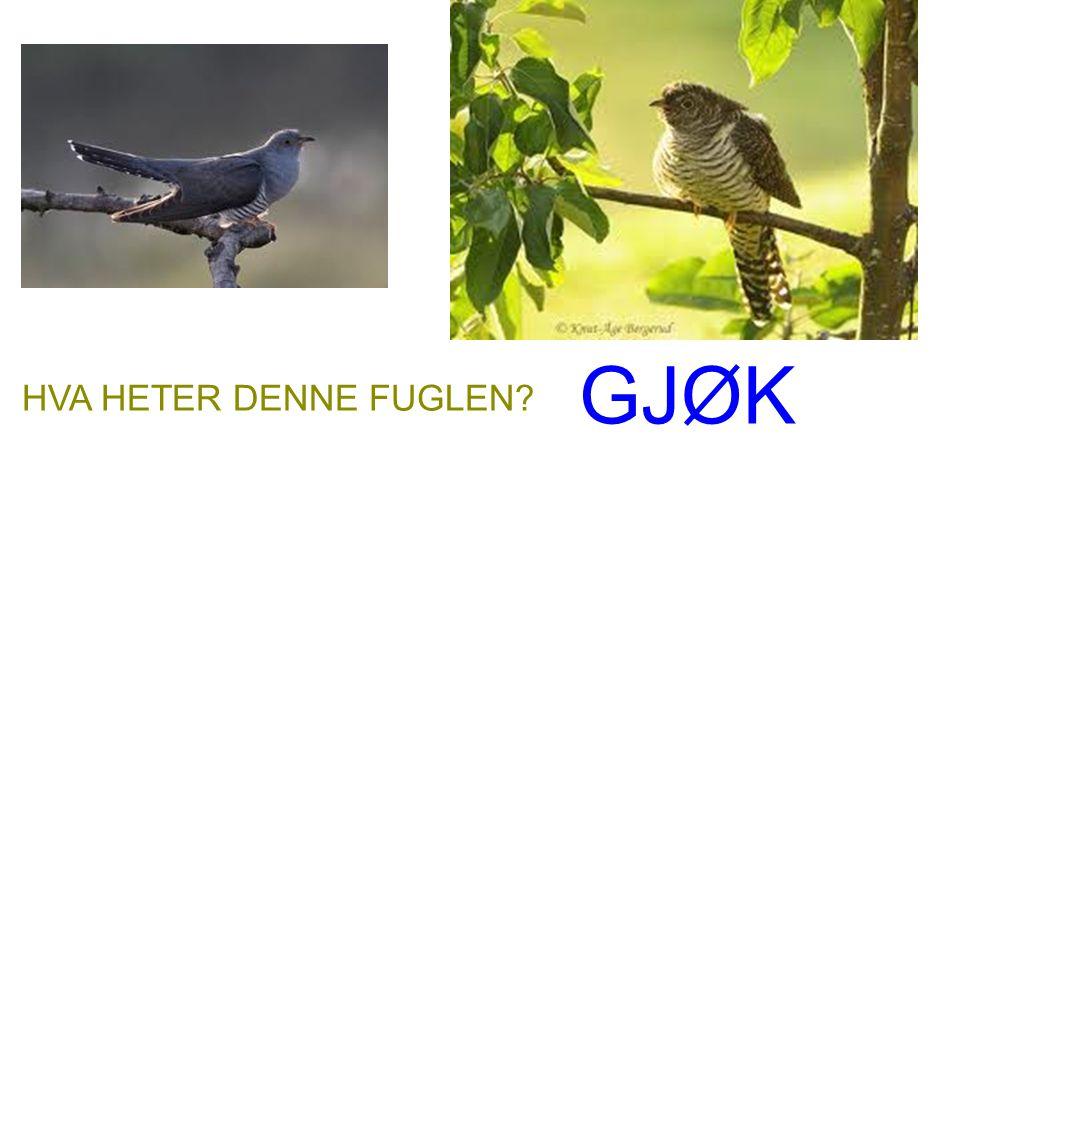 GJØK HVA HETER DENNE FUGLEN